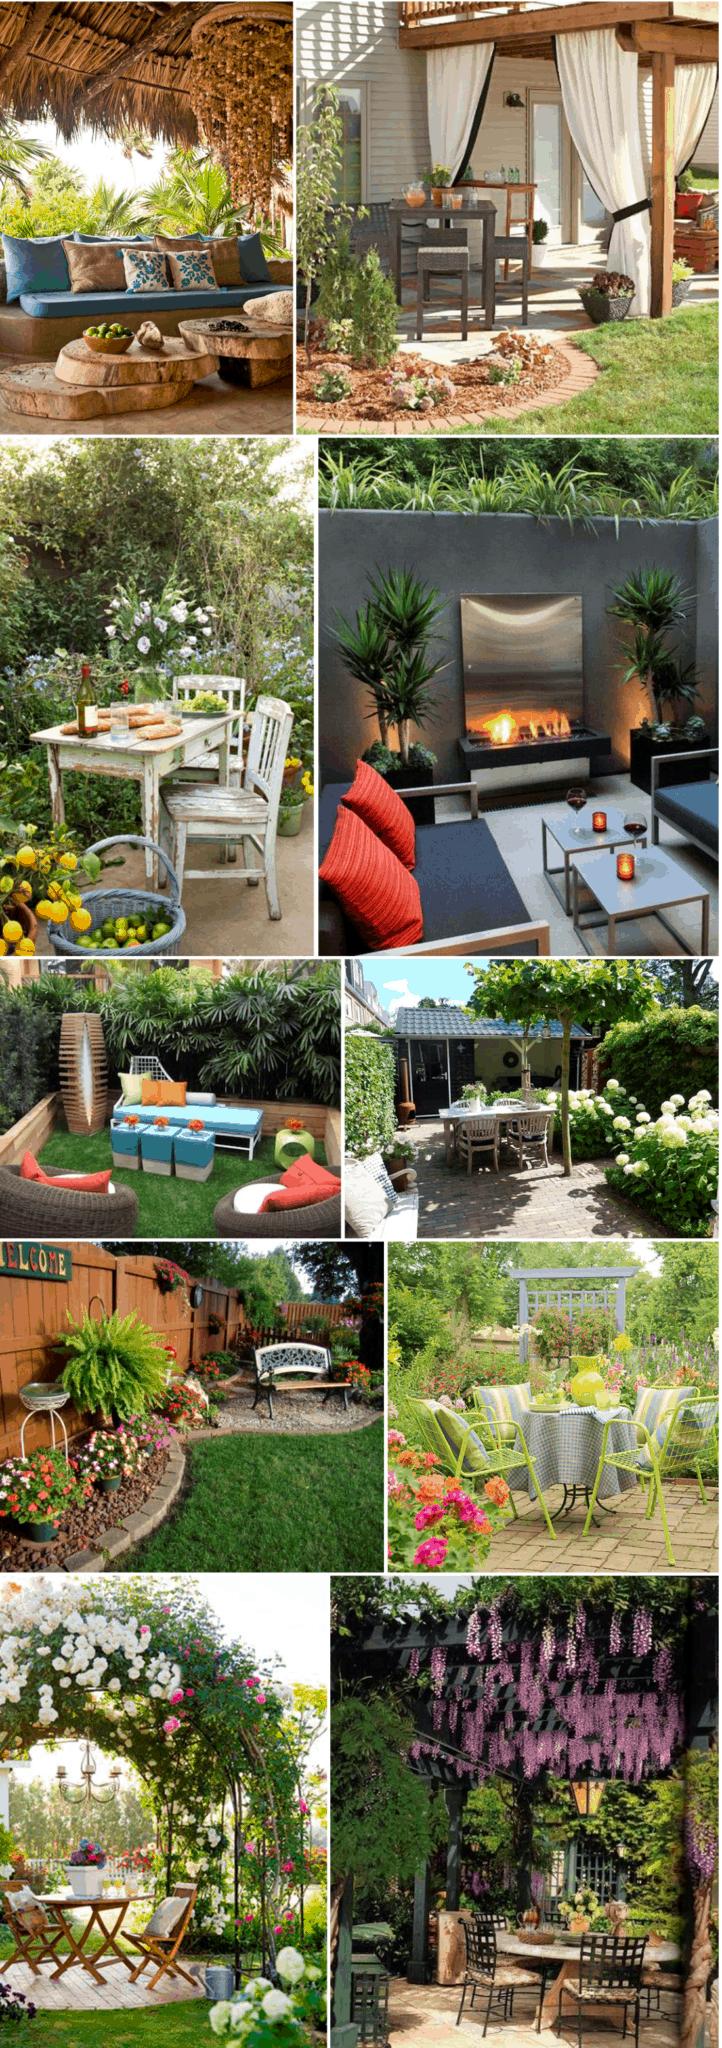 jardim-dos-sonhos-decorar-com-charme-mesa-cadeira (2)